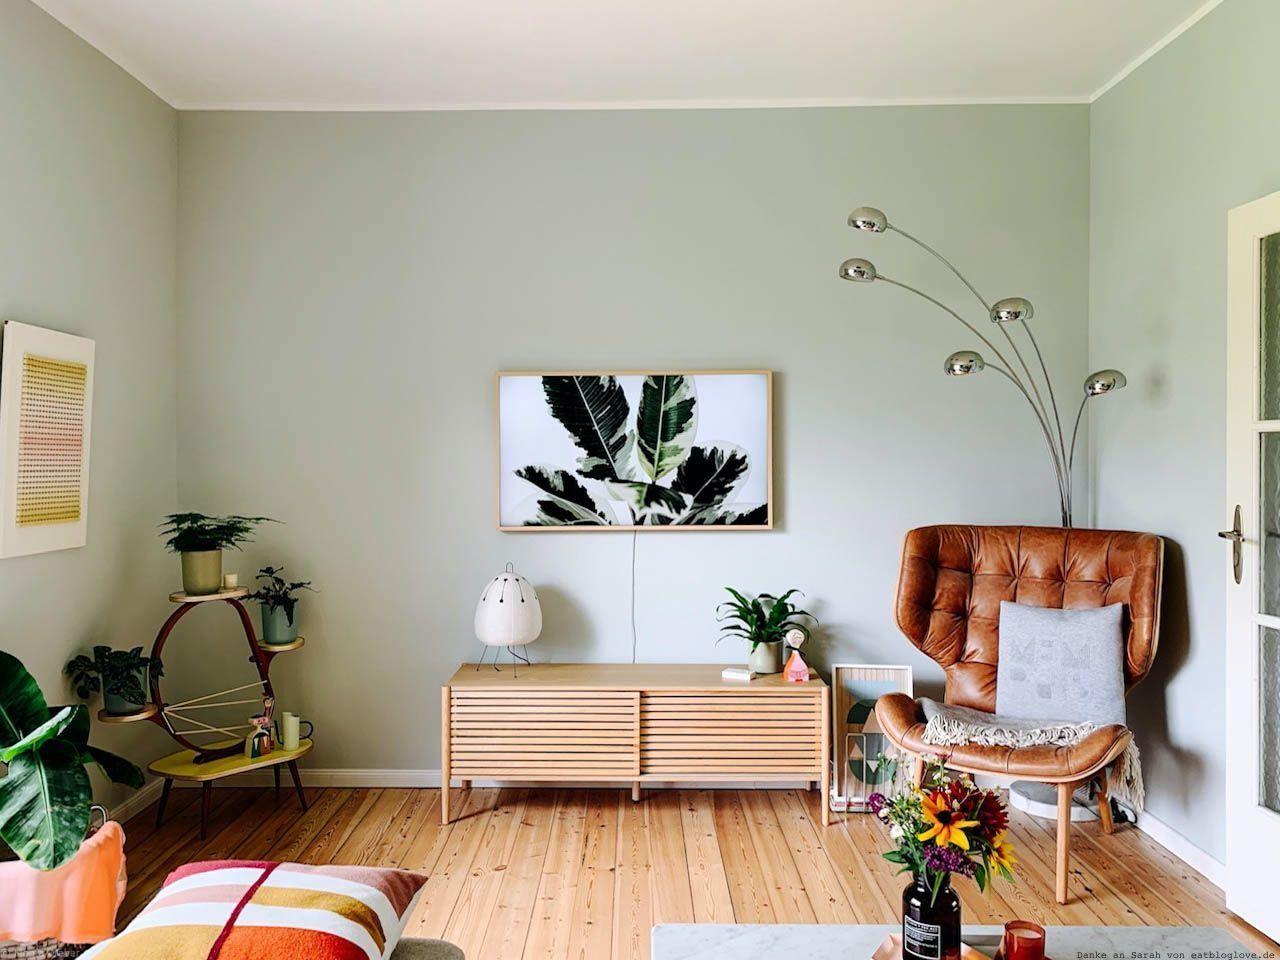 Farbfreude Sarahs Wohnzimmer In Pastellgrün Kolorat Wandfarbe Wohnzimmer Wohnzimmer Farbe Zimmer Streichen Ideen